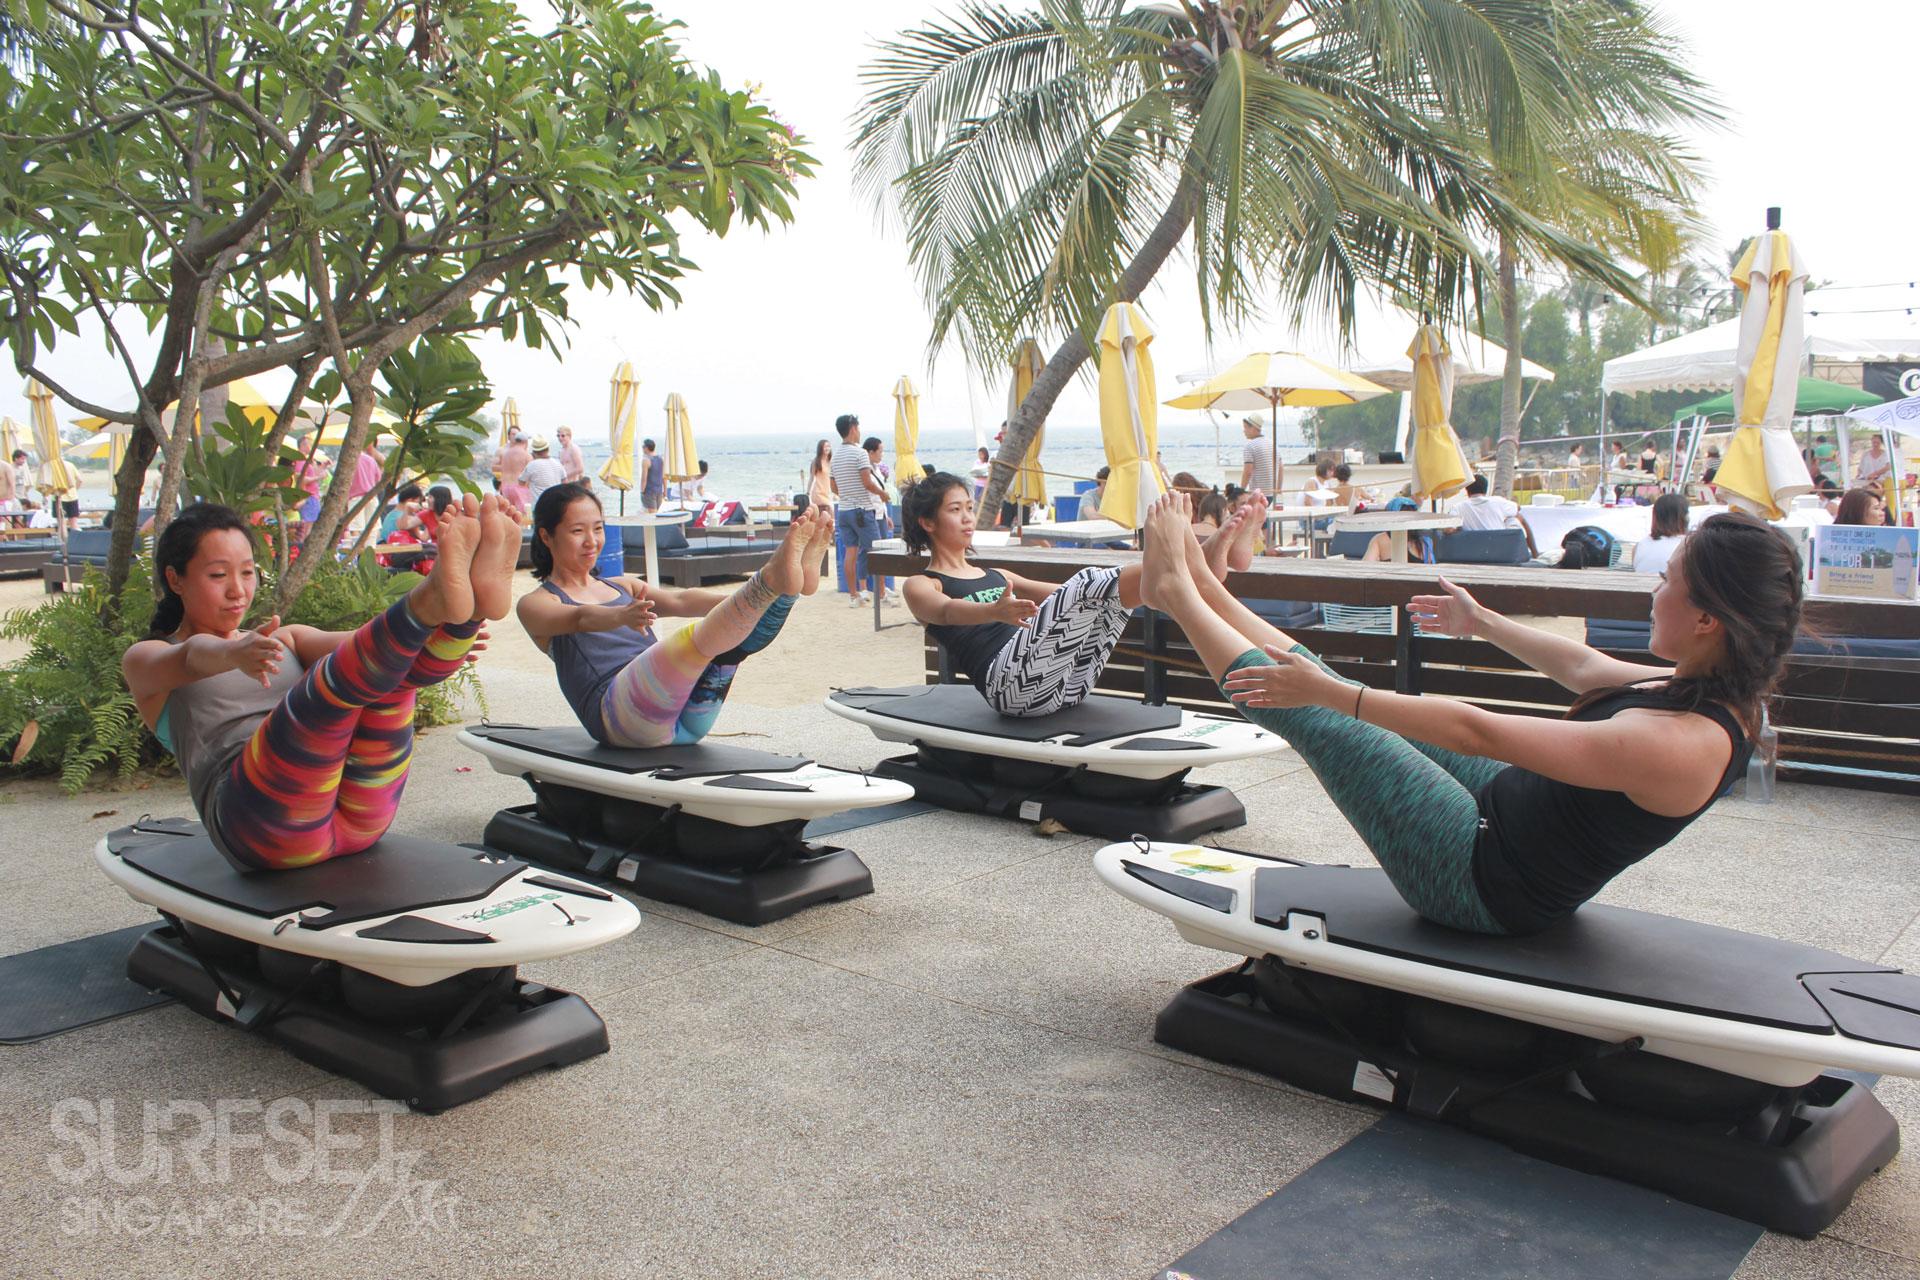 Soulscape 2015 Surfset Yoga Class